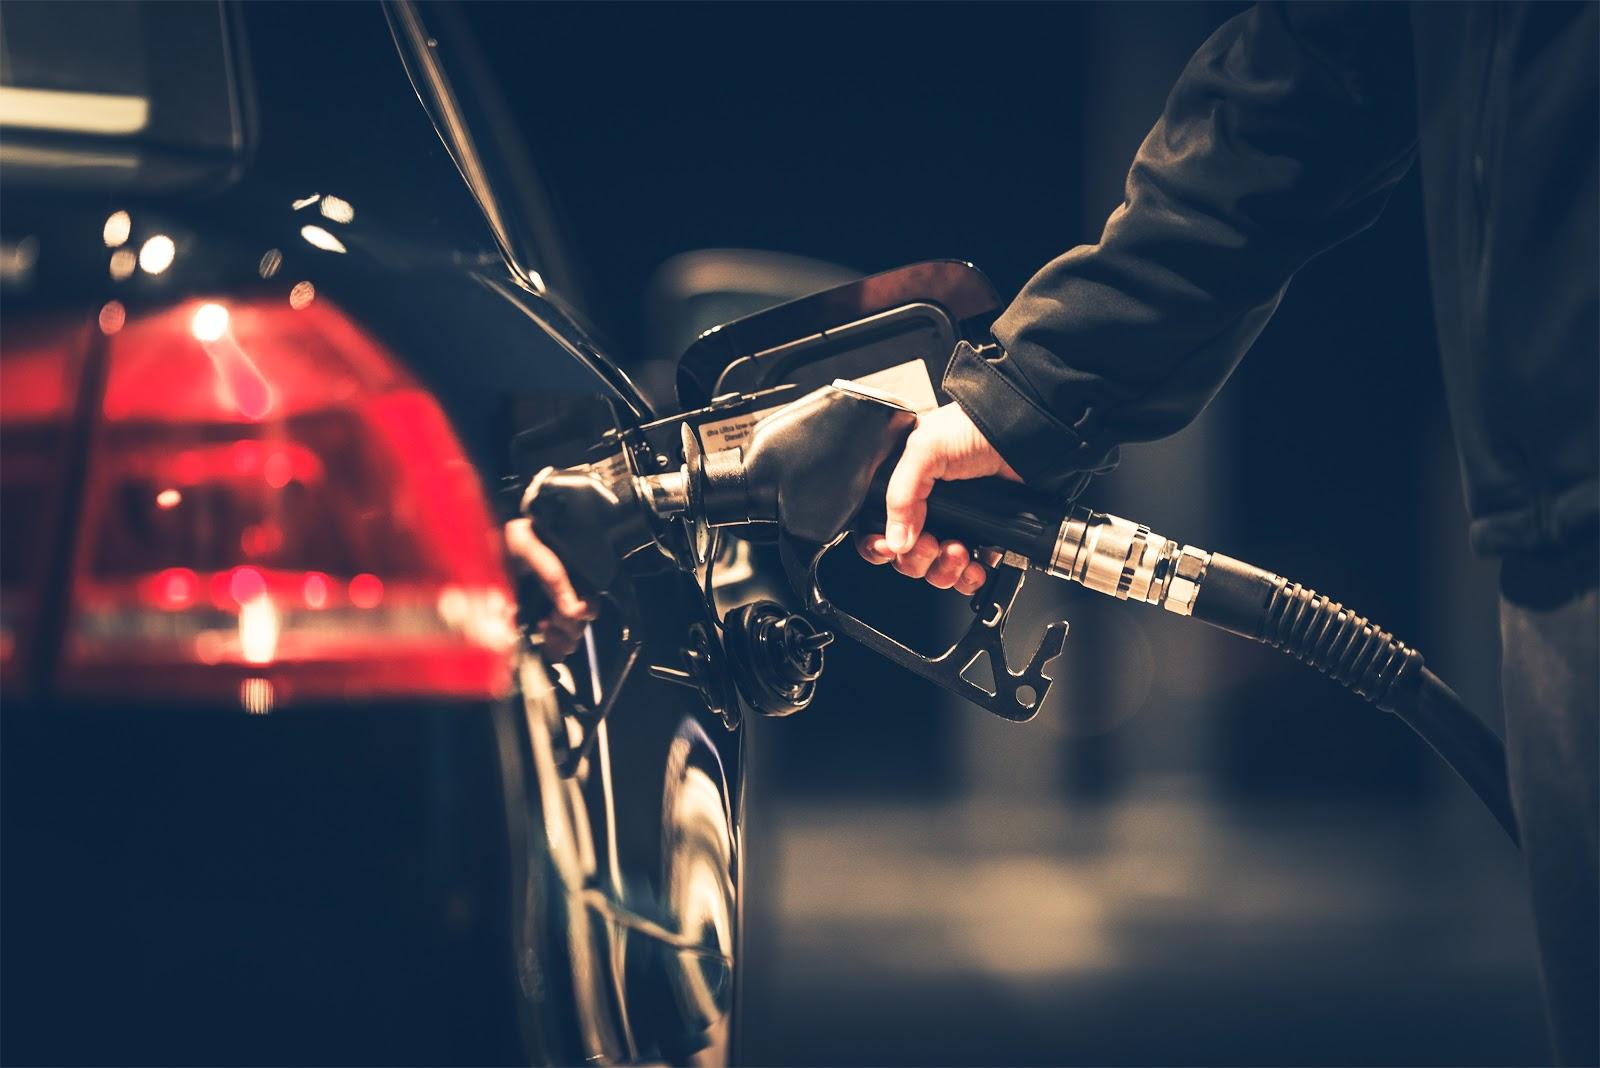 Saiba o que causa e como prevenir o vazamento de combustível